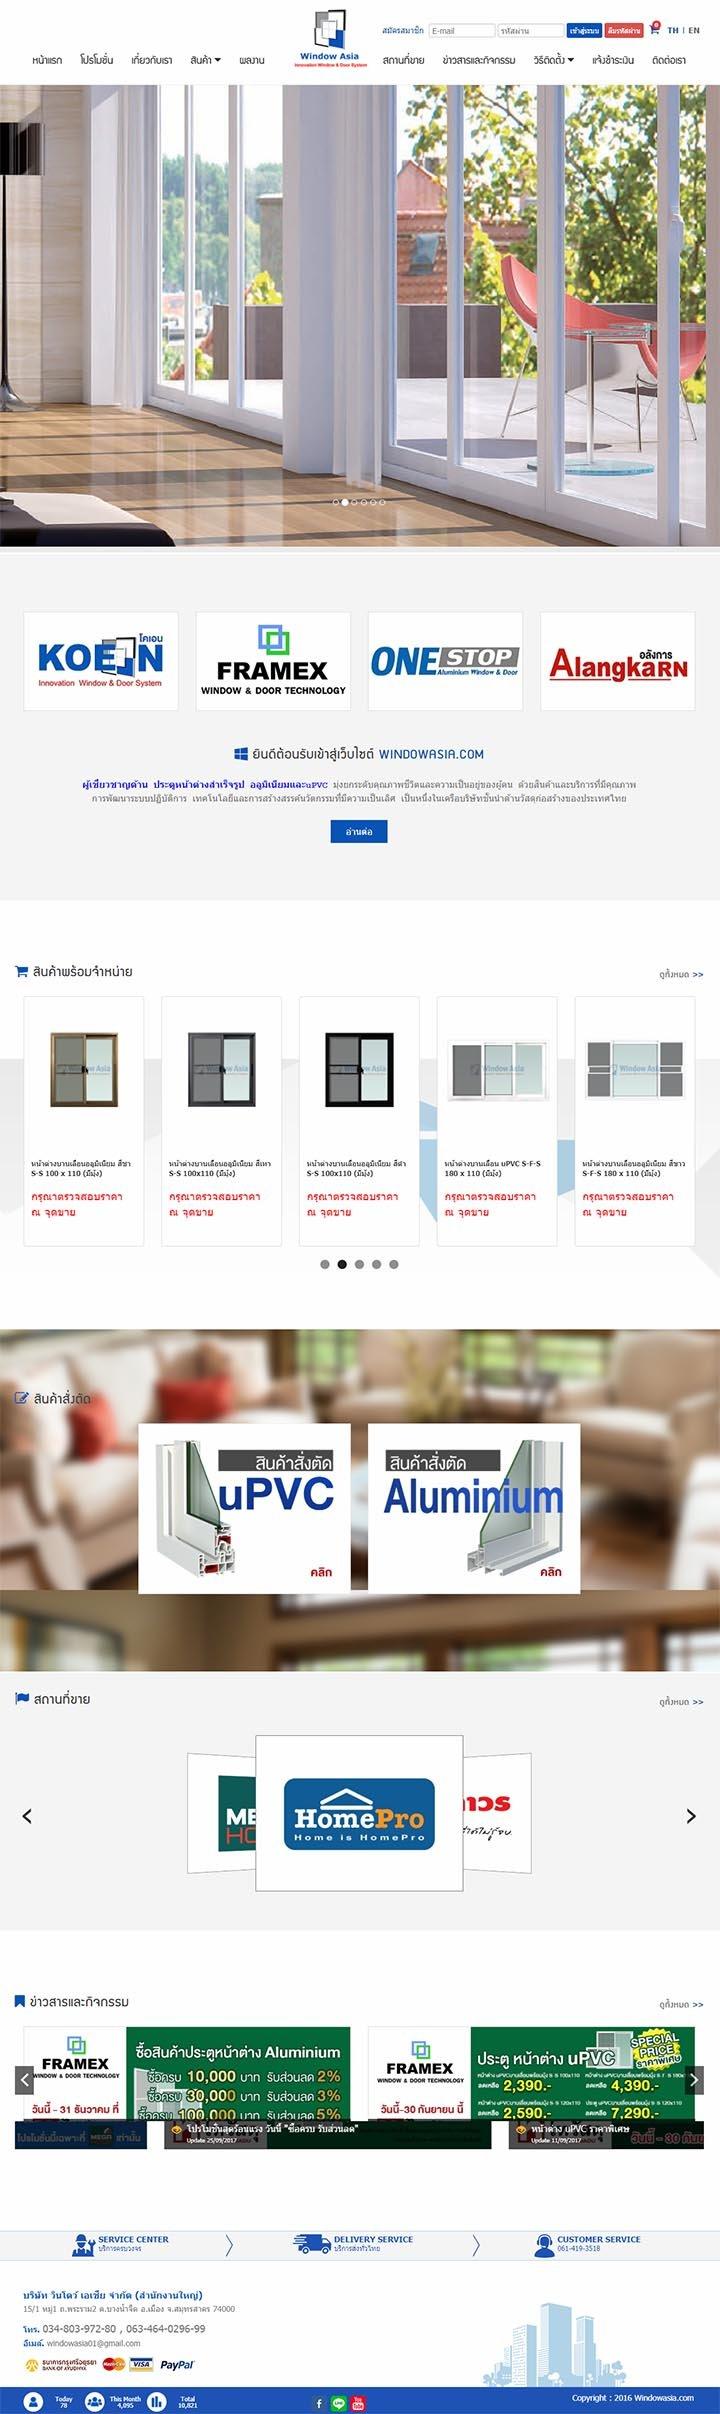 ประตูหน้าต่างสำเร็จรูป บานพับ กระจกอะลูมิเนียม มุ้งลวด ระบบขายสินค้าออนไลน์